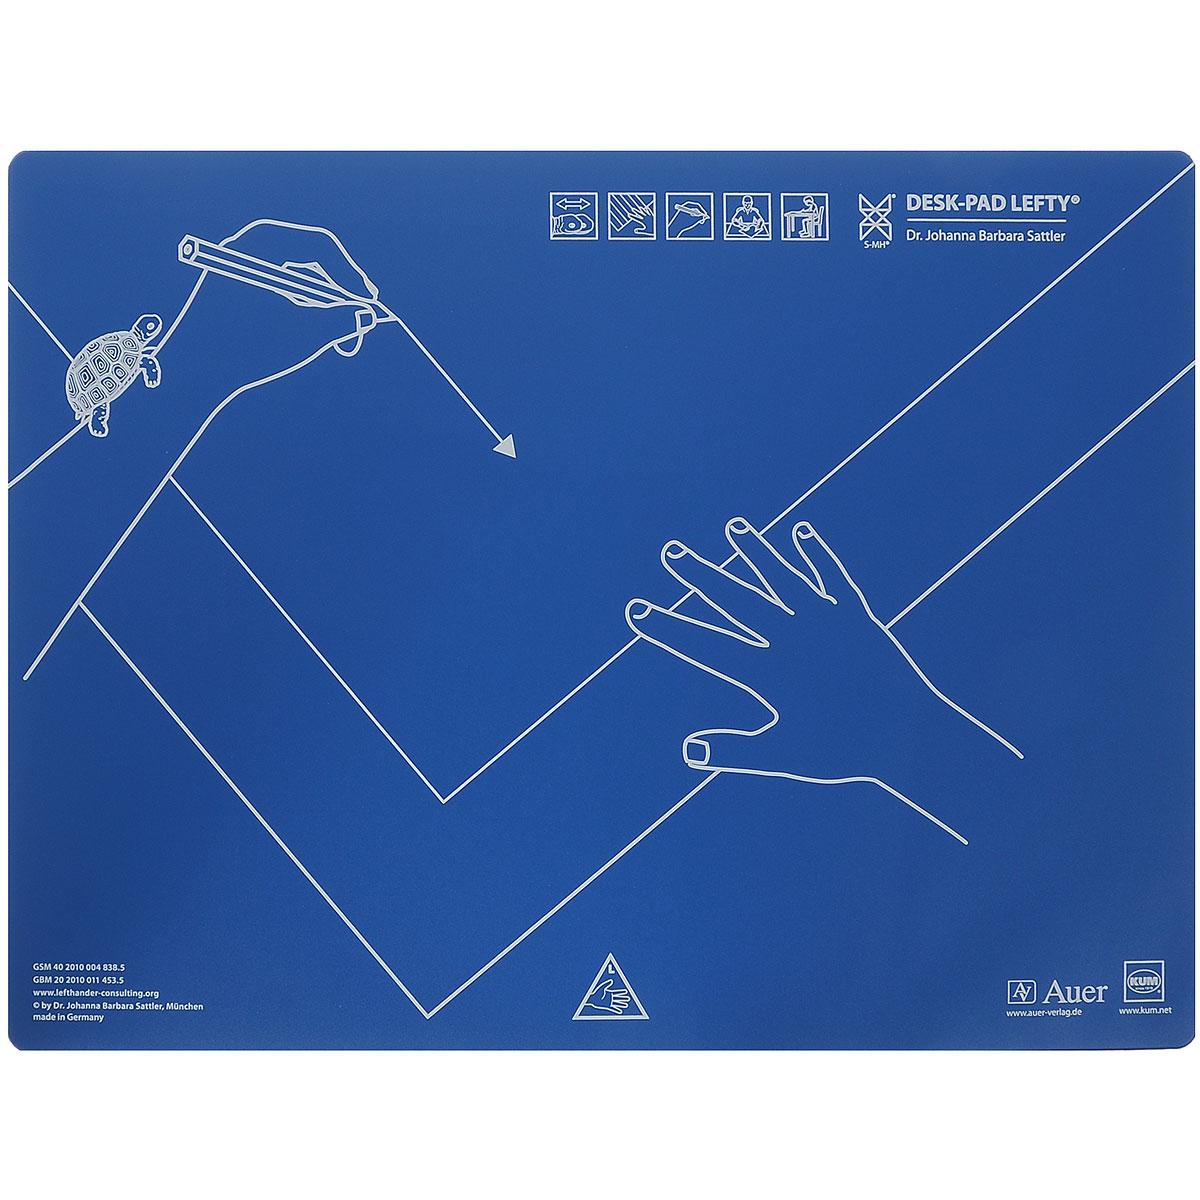 """Настольная подкладка """"Kum"""", выполненная из пластика, предназначена для обучения правильному расположению рук и тетради на столе. Подкладка разработана специально для левшей. Благодаря специальным знакам, нанесенным на подложку, ребенок быстро научится правильно и удобно держать руки при письме. Легко разместить на любом столе."""